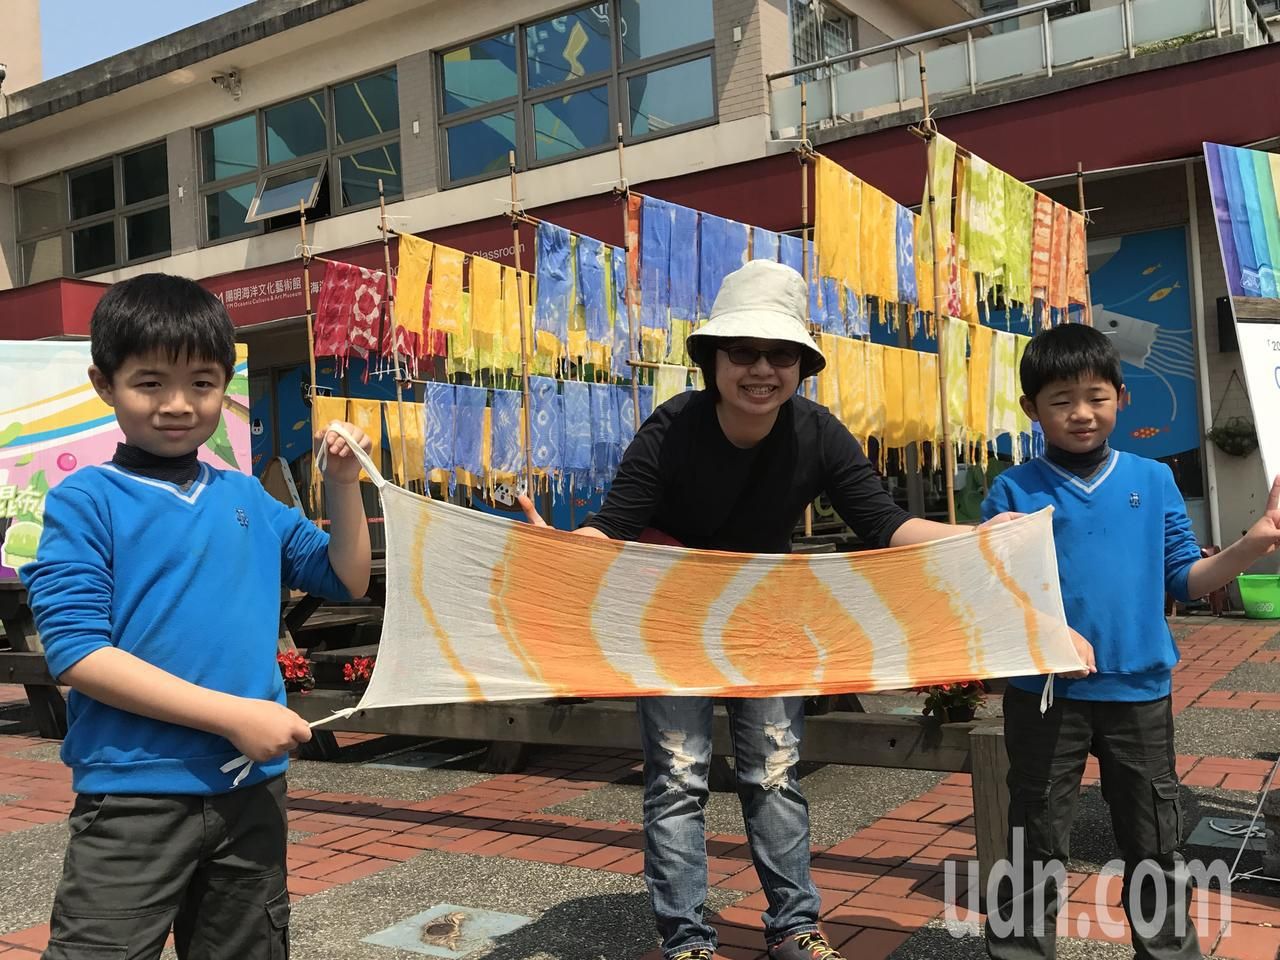 染工坊吸引300多人參與,多元繽紛的染布,曬在藝術館前廣場,隨風飄揚,真是漂亮。...